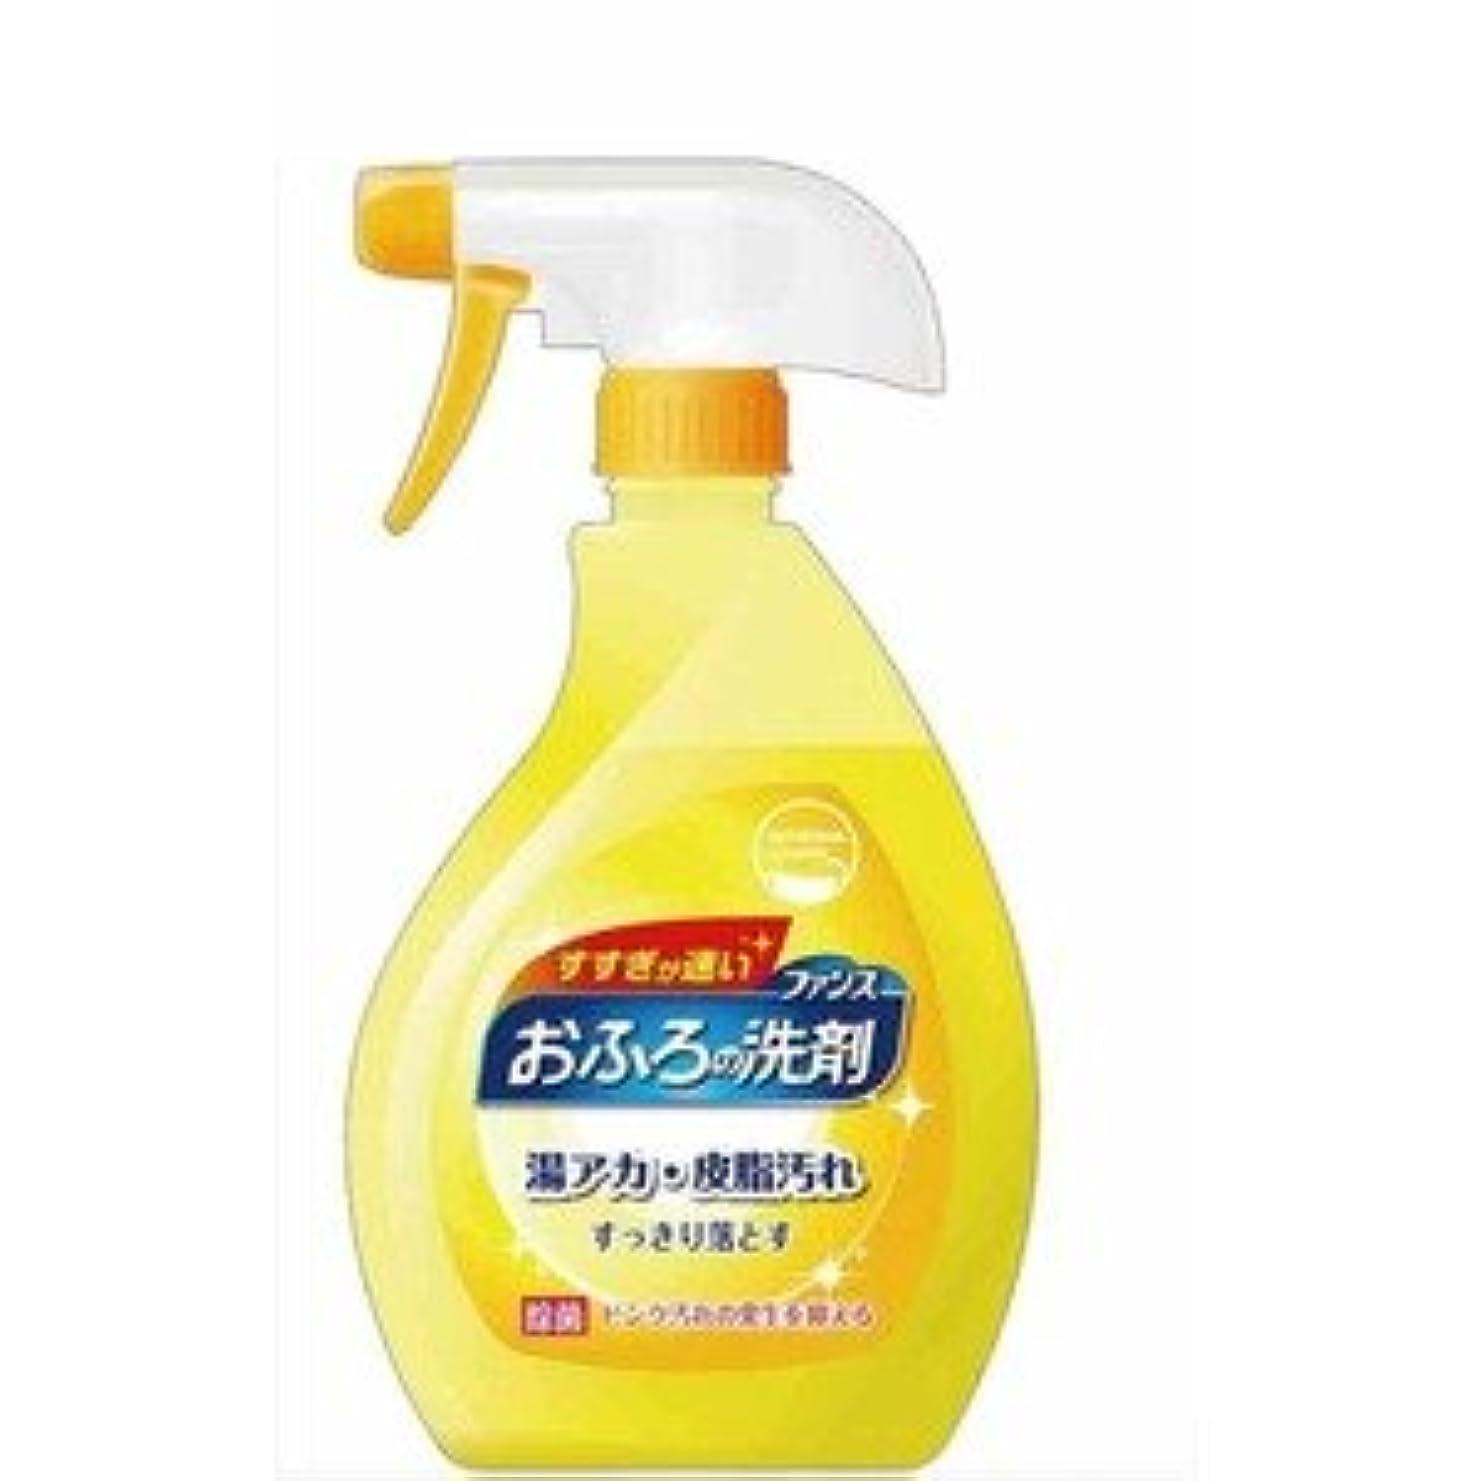 影プラスチック安全でないルファンスおふろの洗剤オレンジミント本体380ml 46-238 【120個セット】